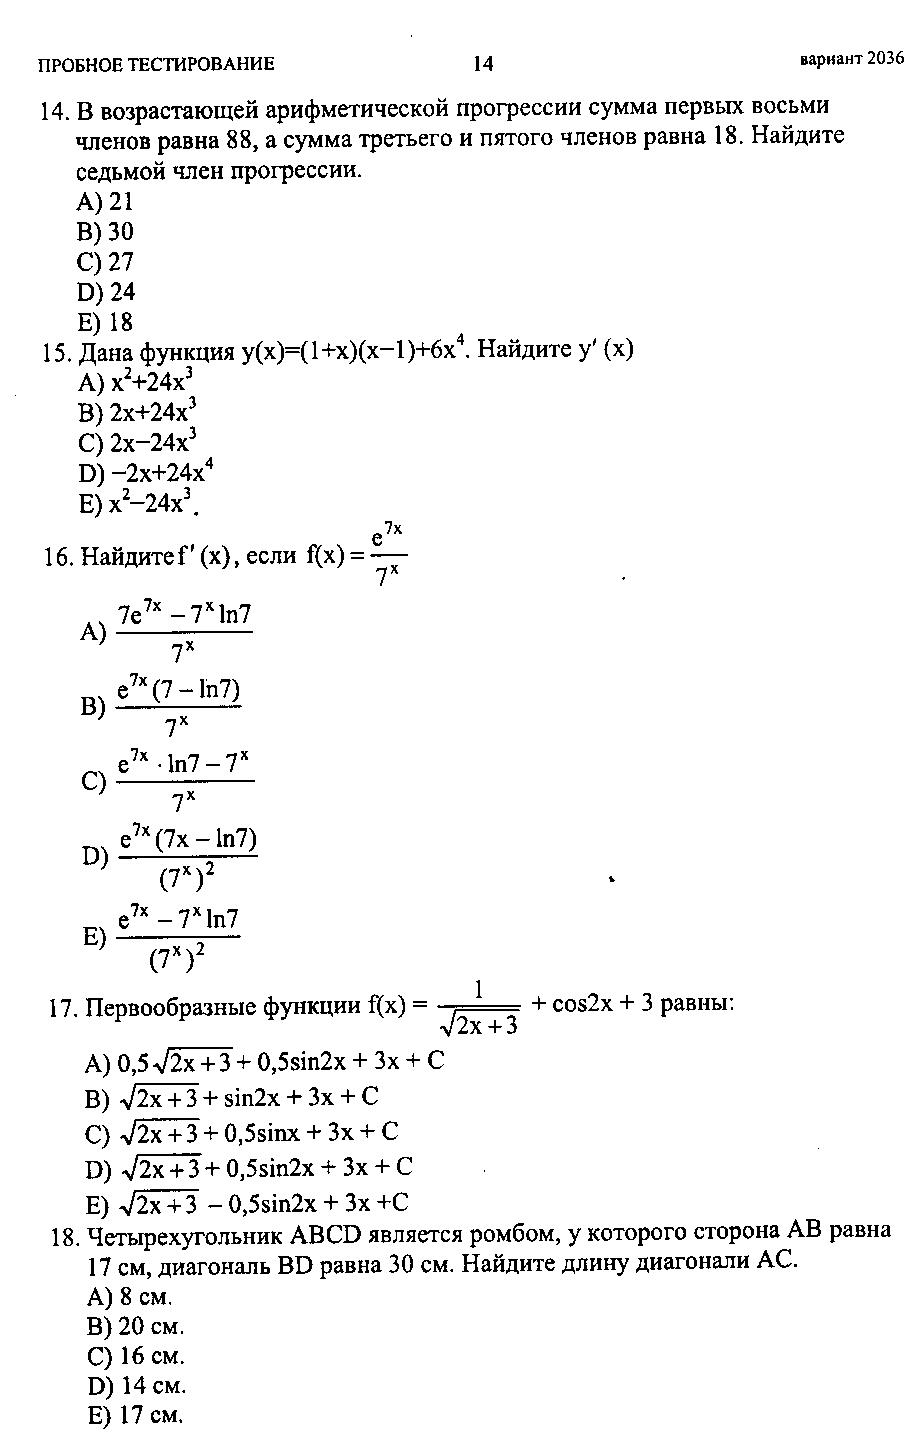 сканирование005